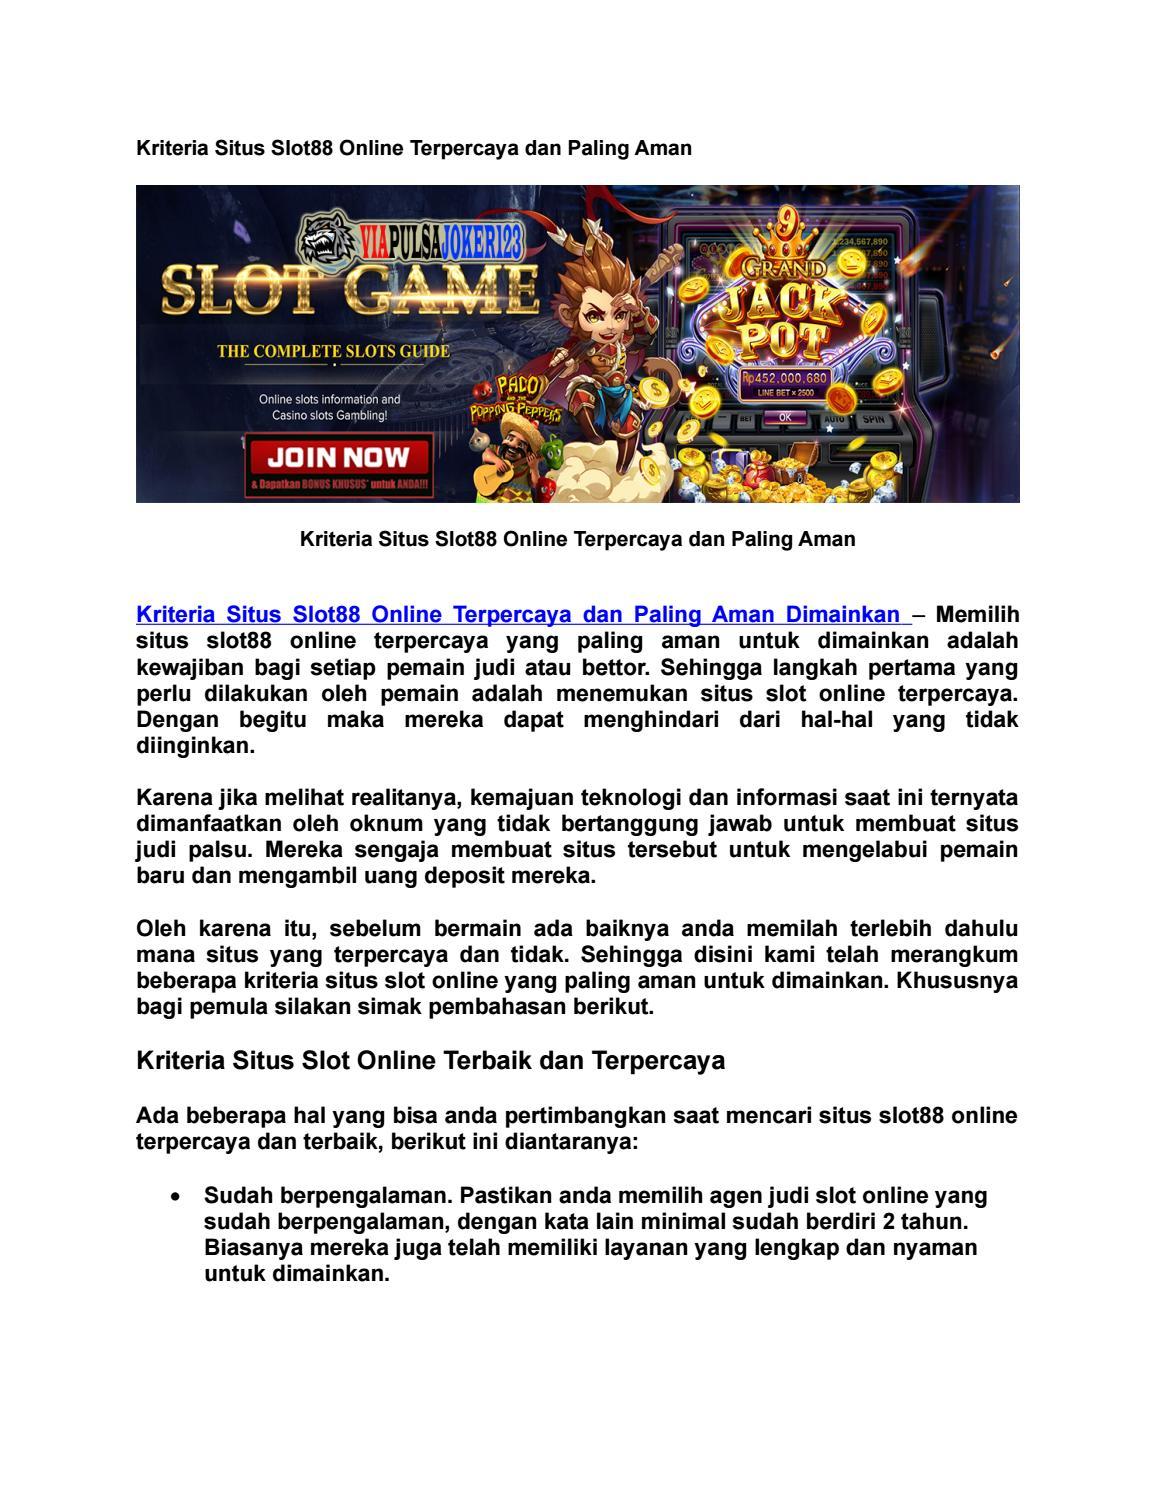 Kriteria Situs Slot88 Online Terpercaya Dan Paling Aman By Viapulsajoker123 Com Issuu